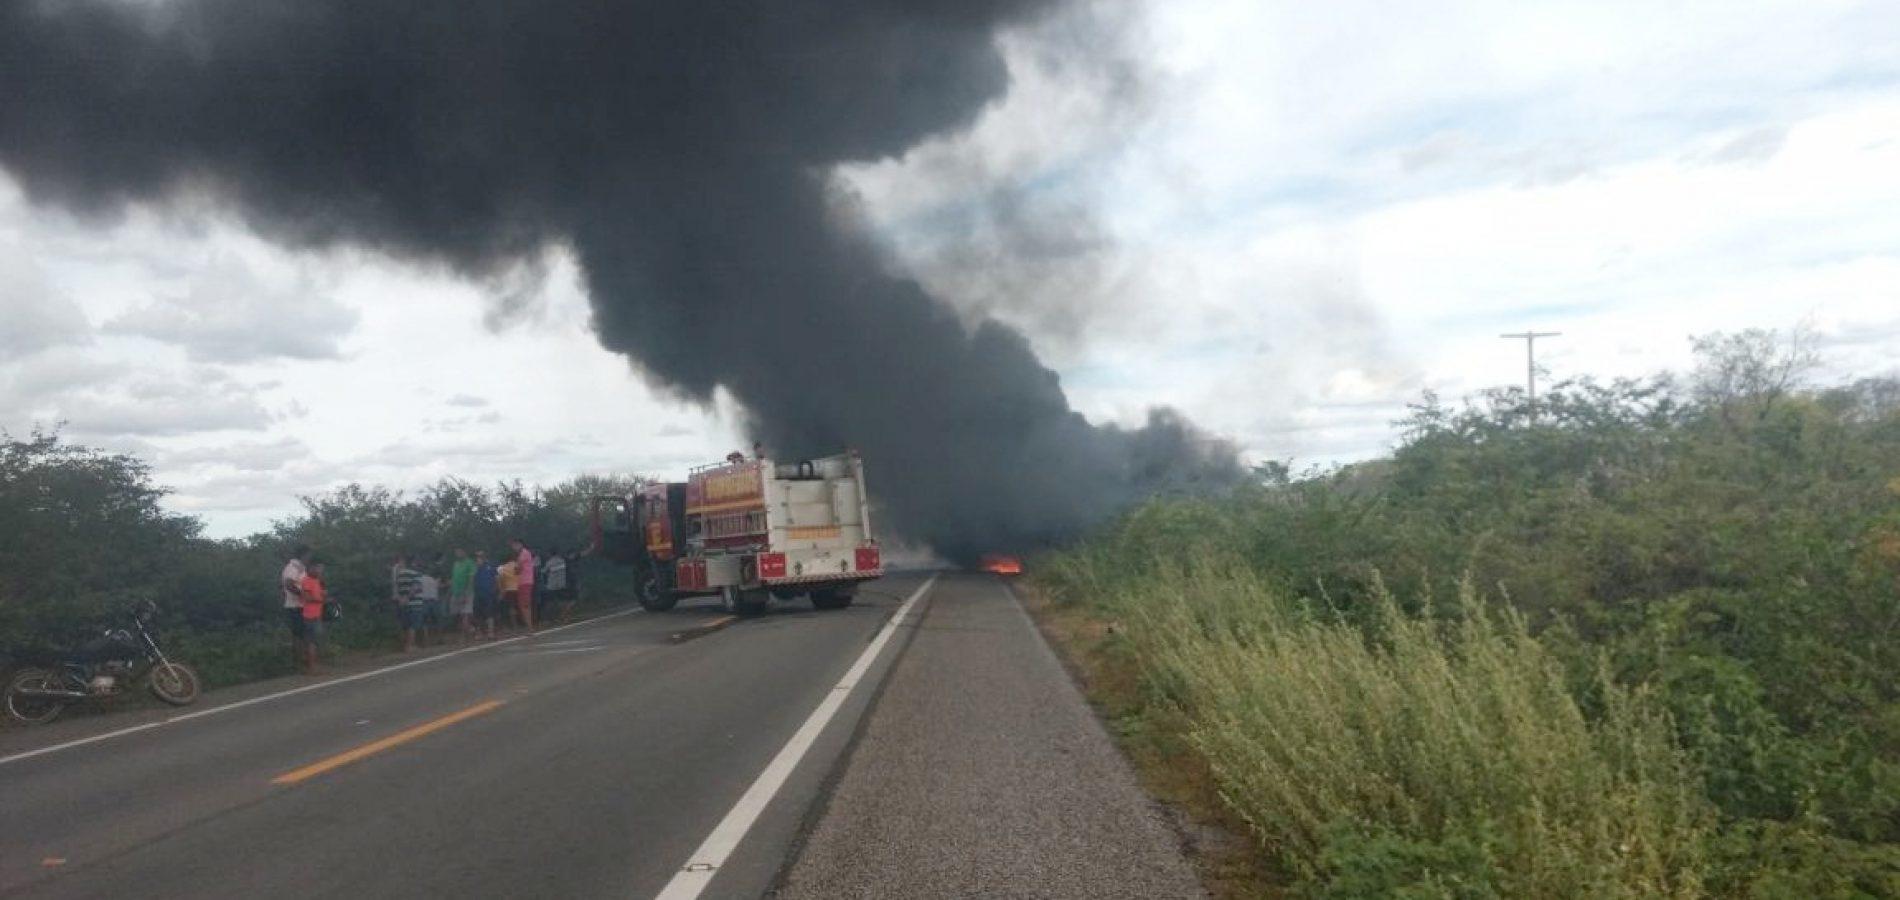 Caminhão incendeia na BR-407 próximo a Geminiano